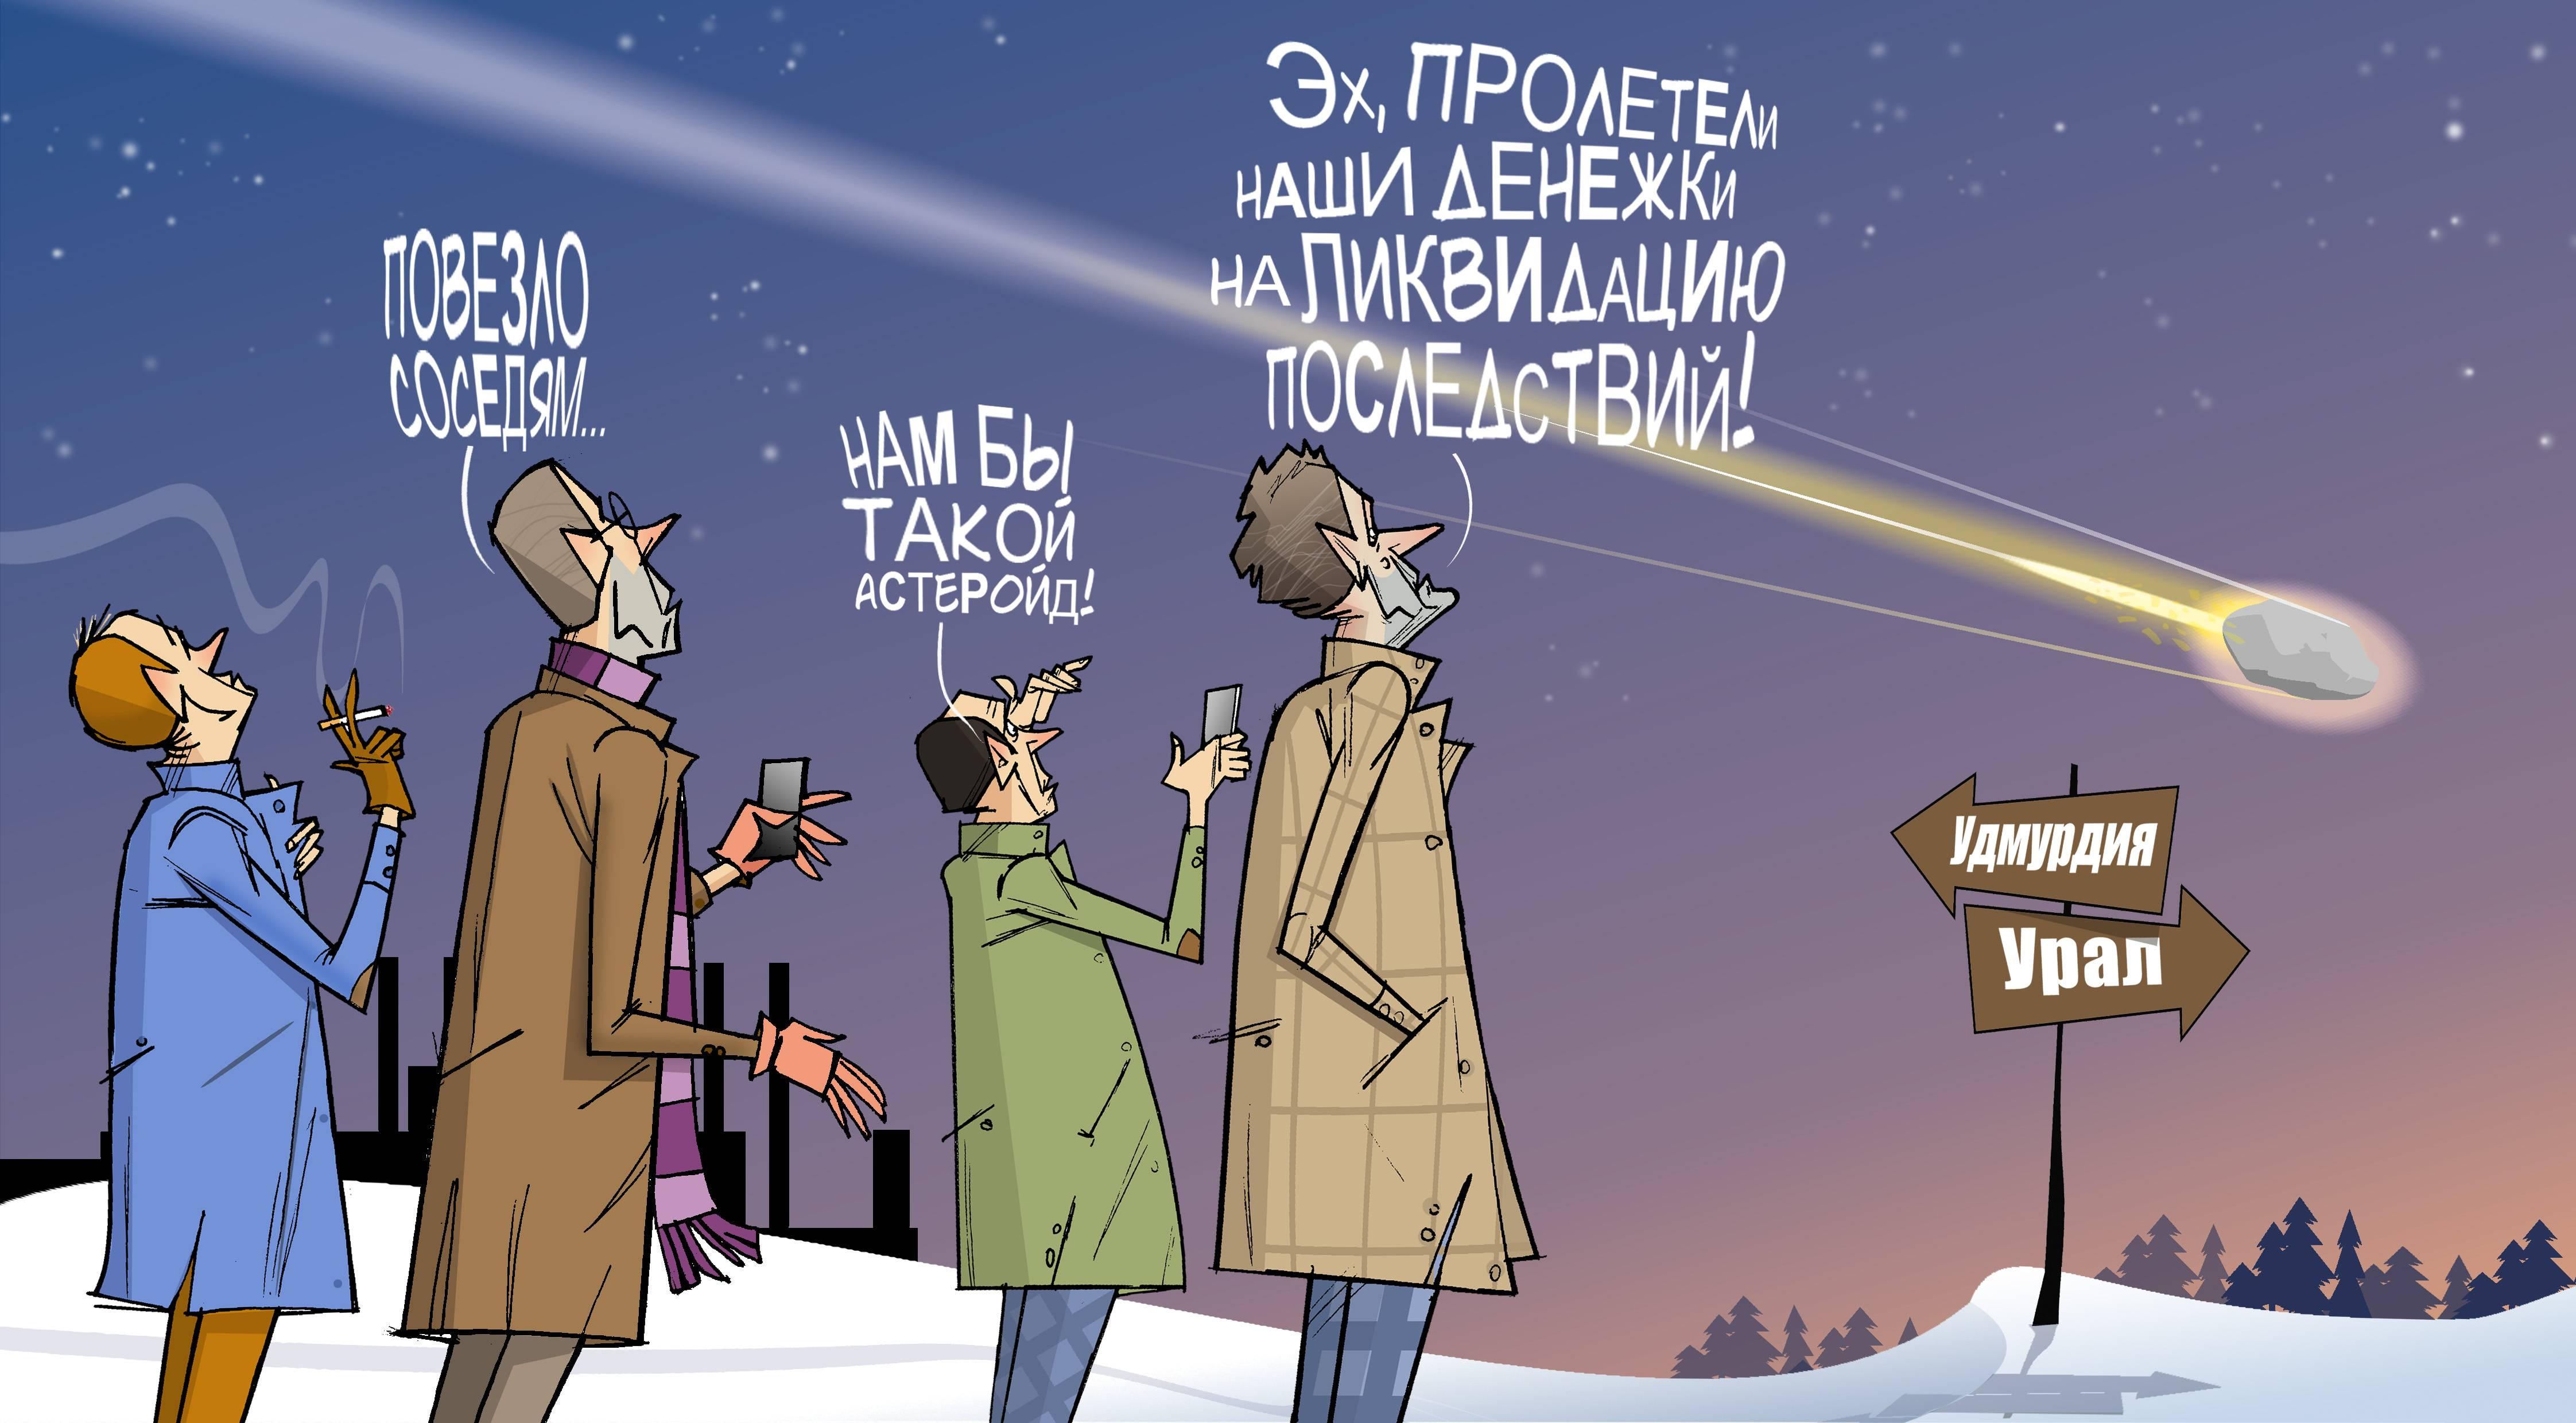 """#ЧелябинскийМетеорит. Пролетели наши денежки. #Удмуртия #ПрезидентУР #Волков © Газета """"День"""" 2013"""